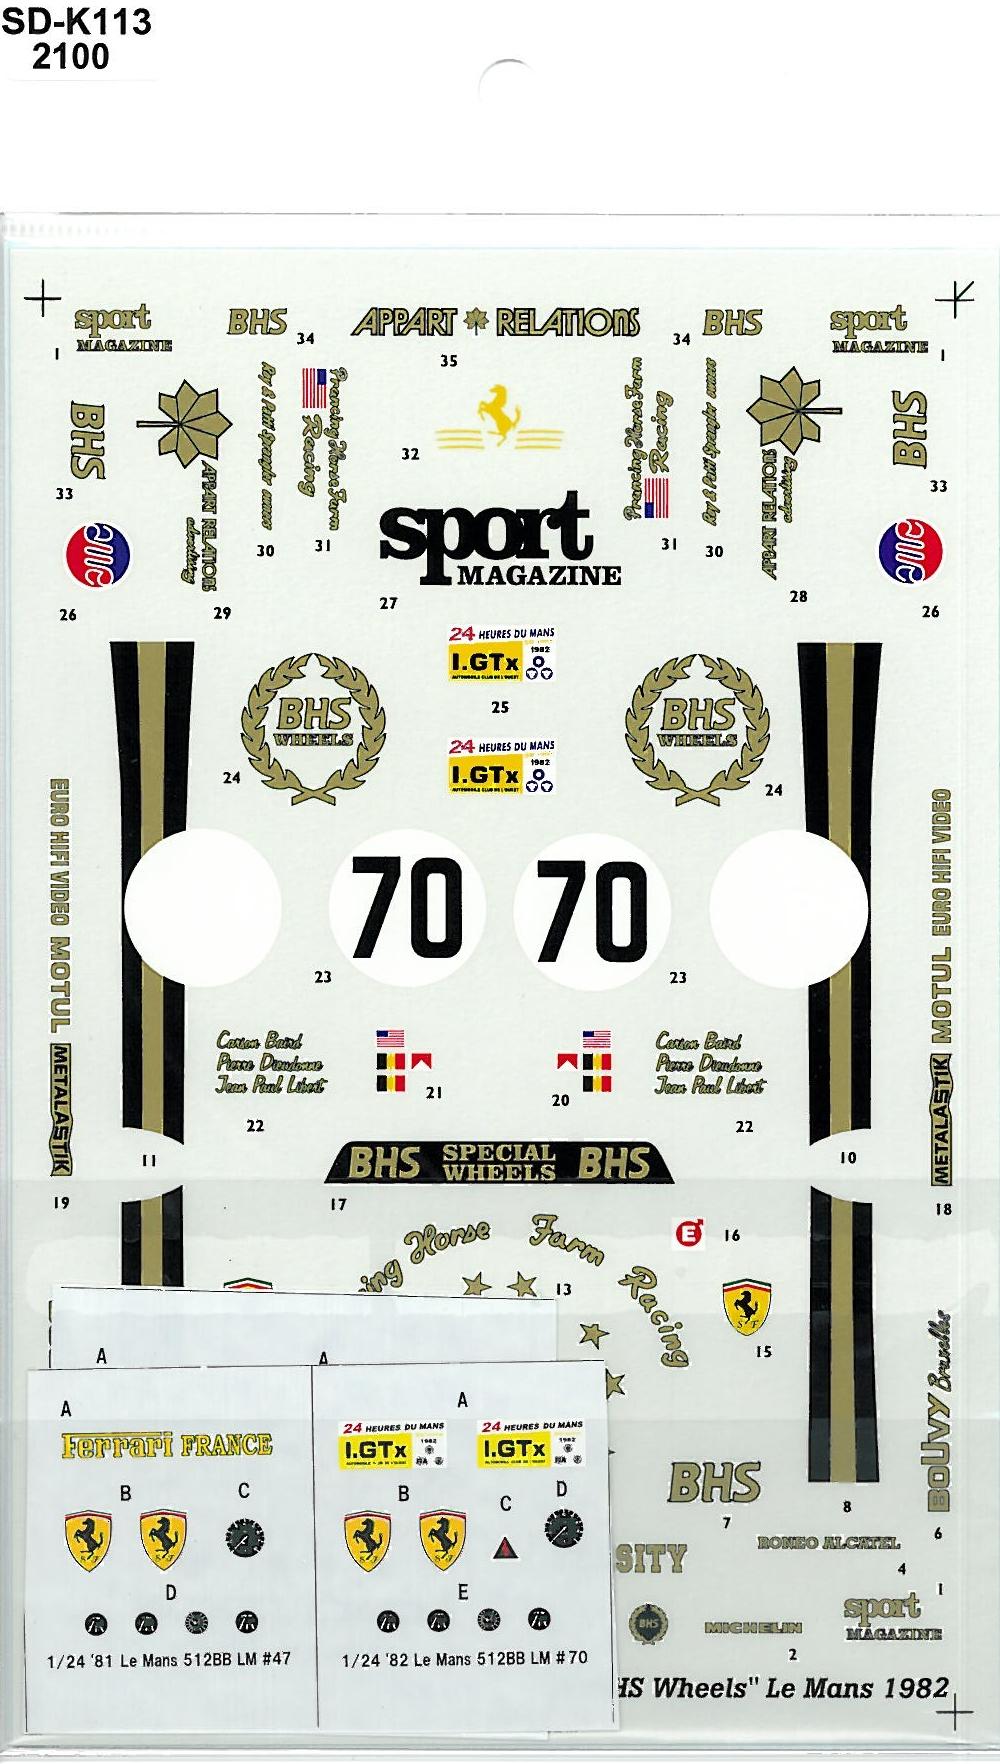 SDK-113 512BB LM CH.POZZI